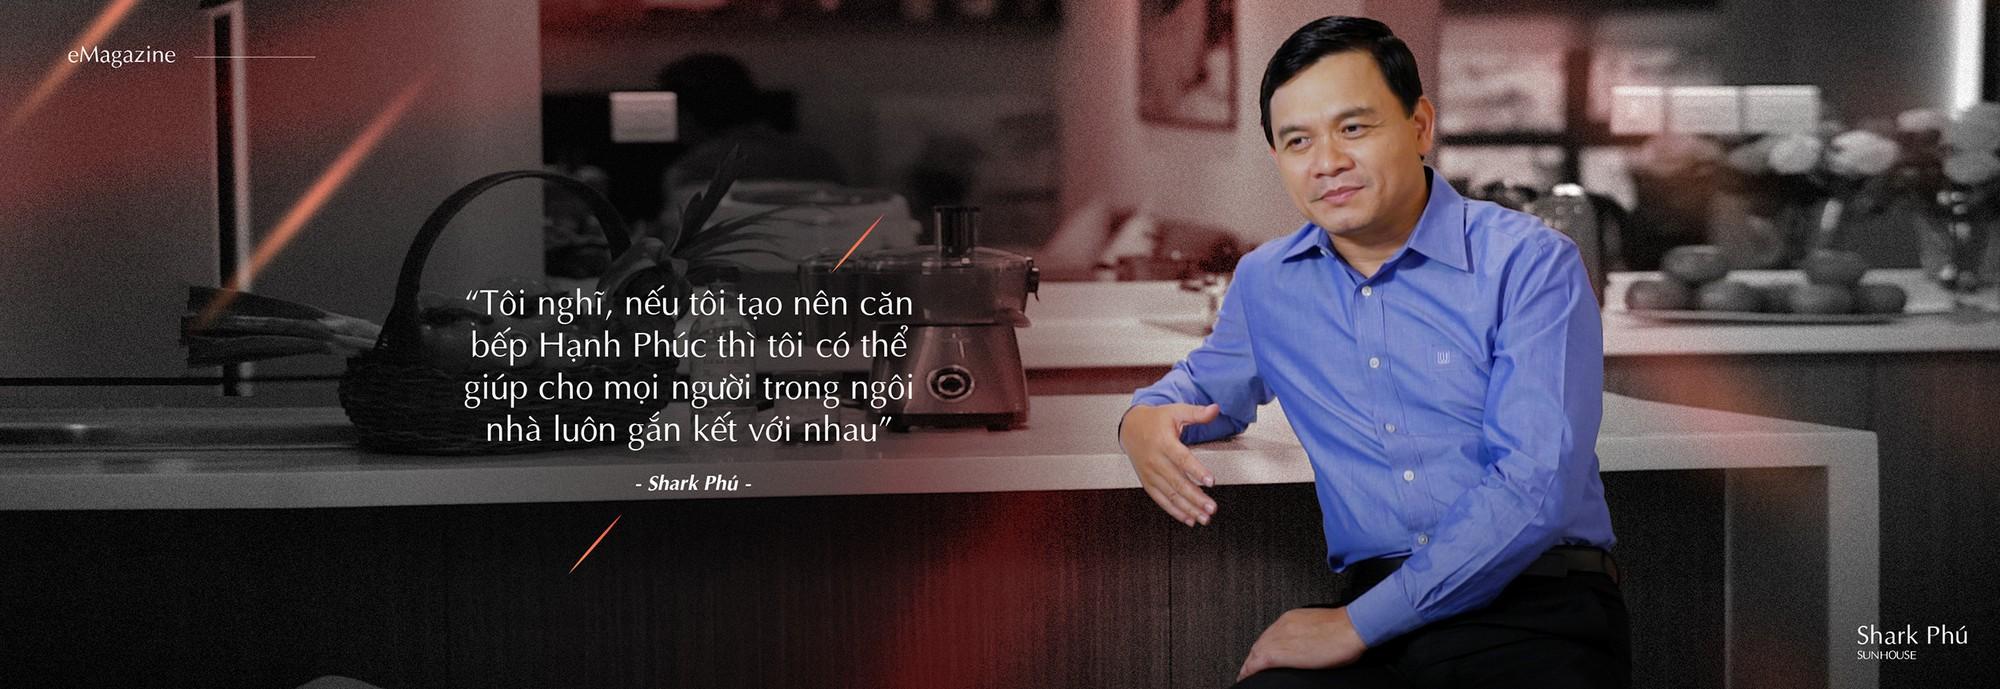 Căn bếp hạnh phúc SUNHOUSE và ước mơ cả đời của Shark Phú - Ảnh 7.